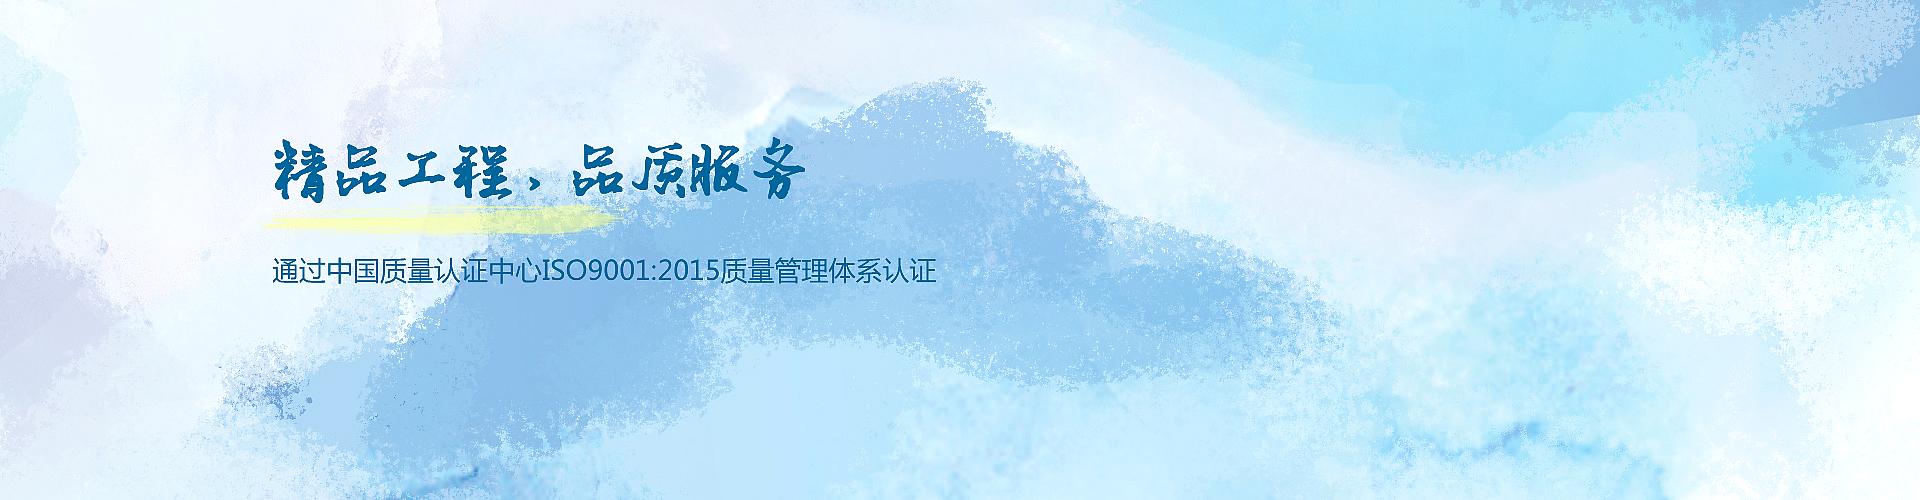 陕西西安宏业国际